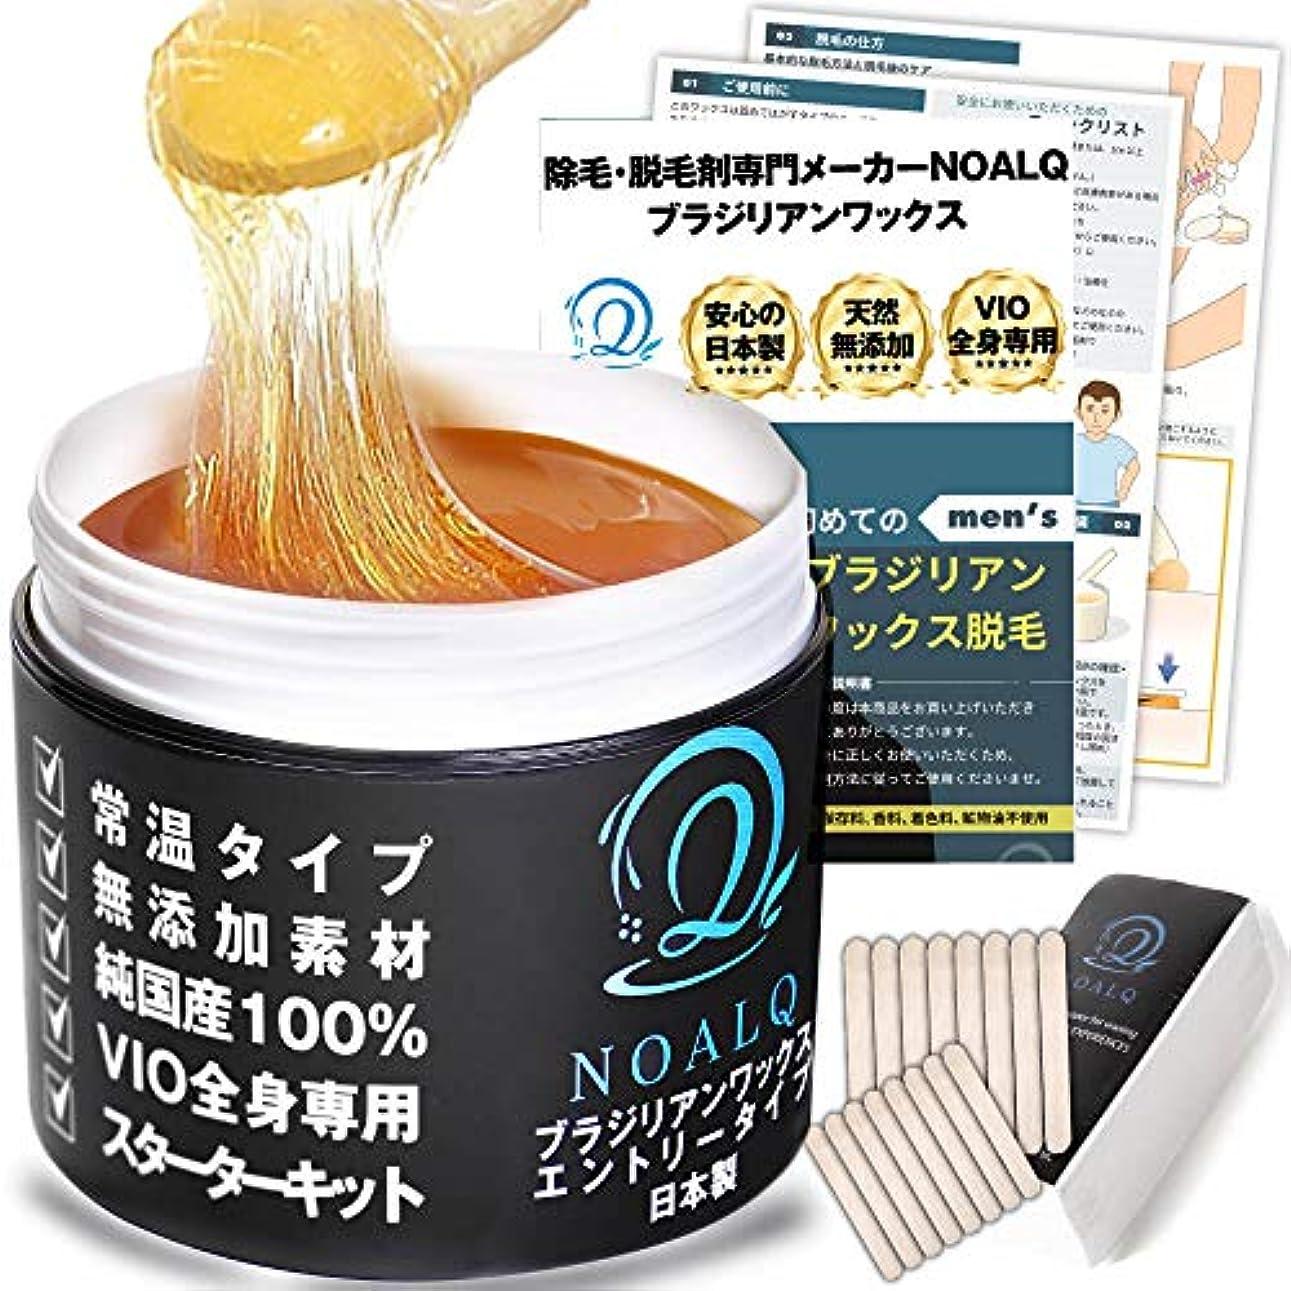 原因血まみれの爆発NOALQ(ノアルク) ブラジリアンワックス エントリータイプ 天然無添加素材 純国産100% VIO 全身脱毛専用 スターターキット